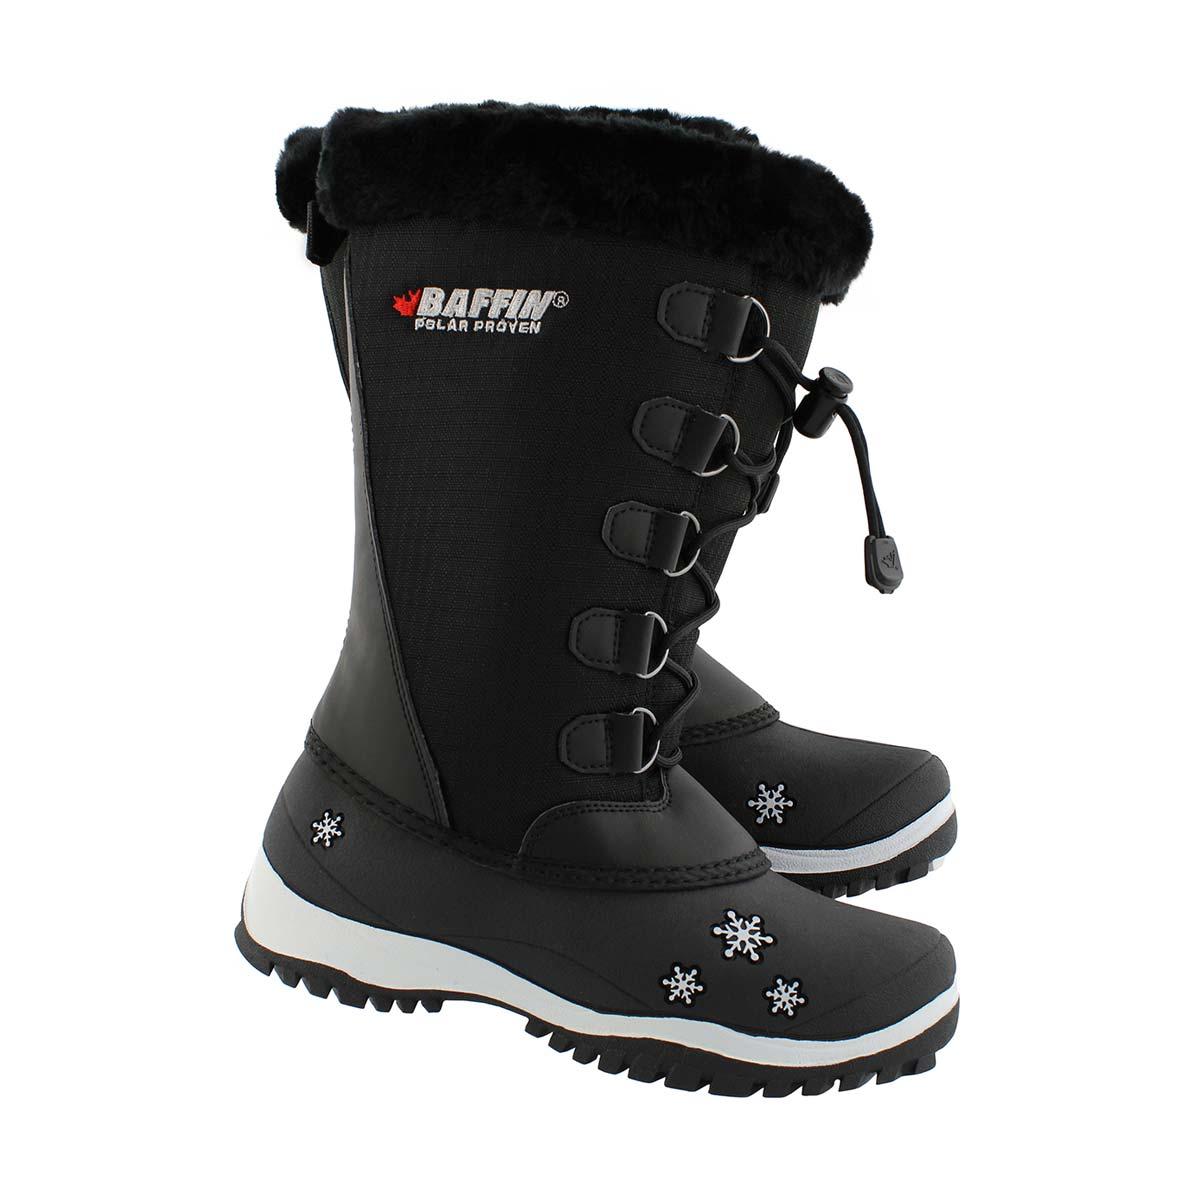 Grls Emma black wtpf winter boot